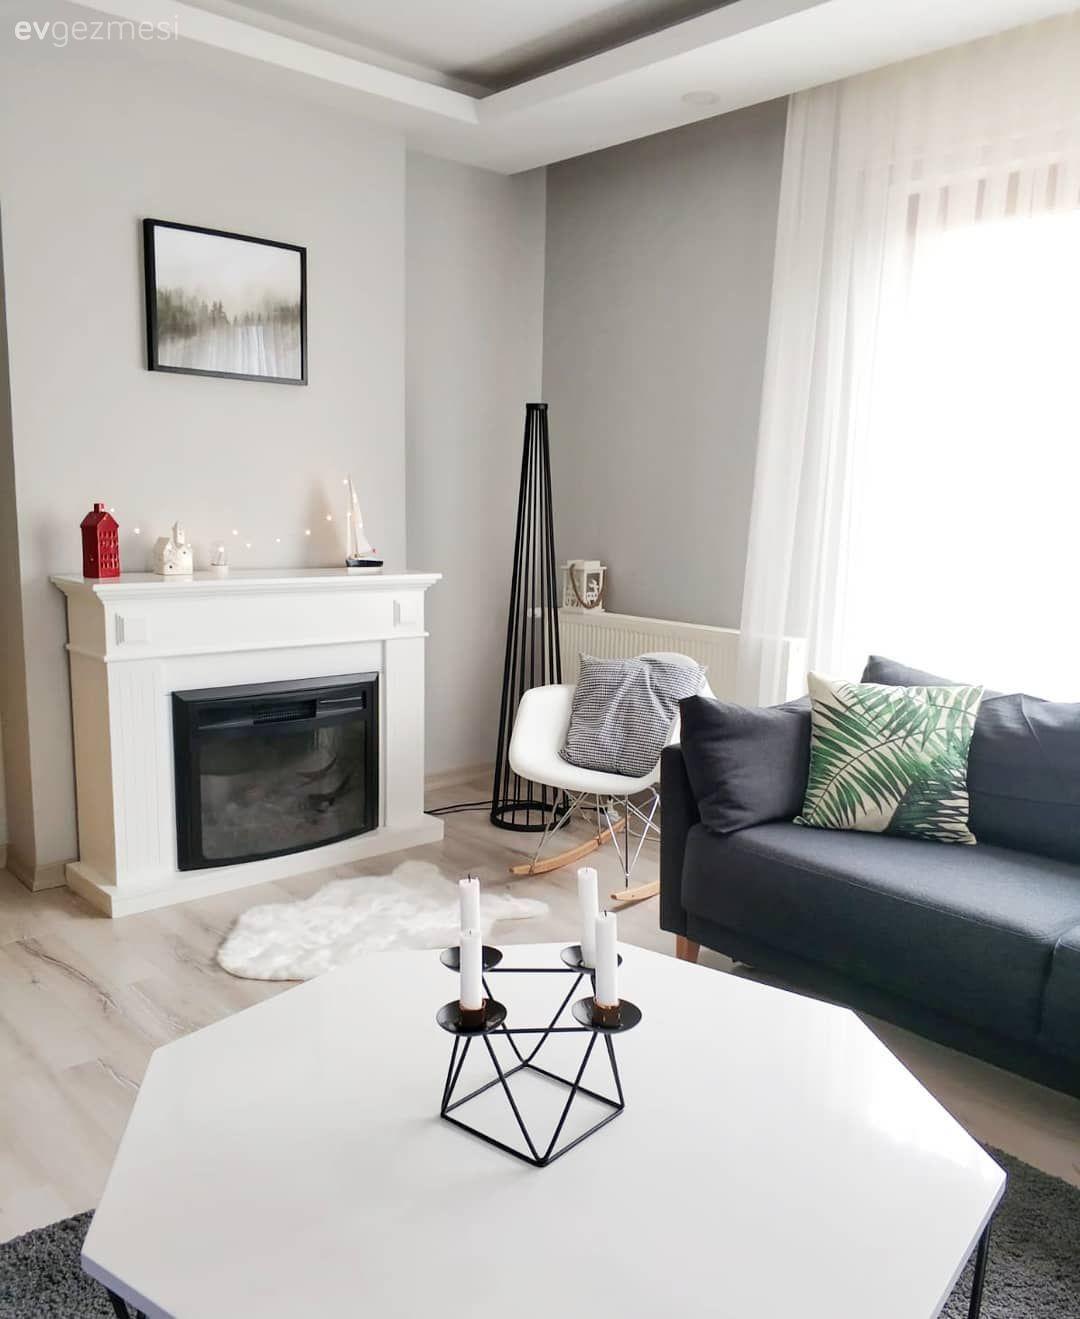 Bu Evin Modern Cizgisi Harika Detaylarla Kisisellesmis Ev Gezmesi Oturma Odasi Tasarimlari Oturma Odasi Dekorasyonu Evler